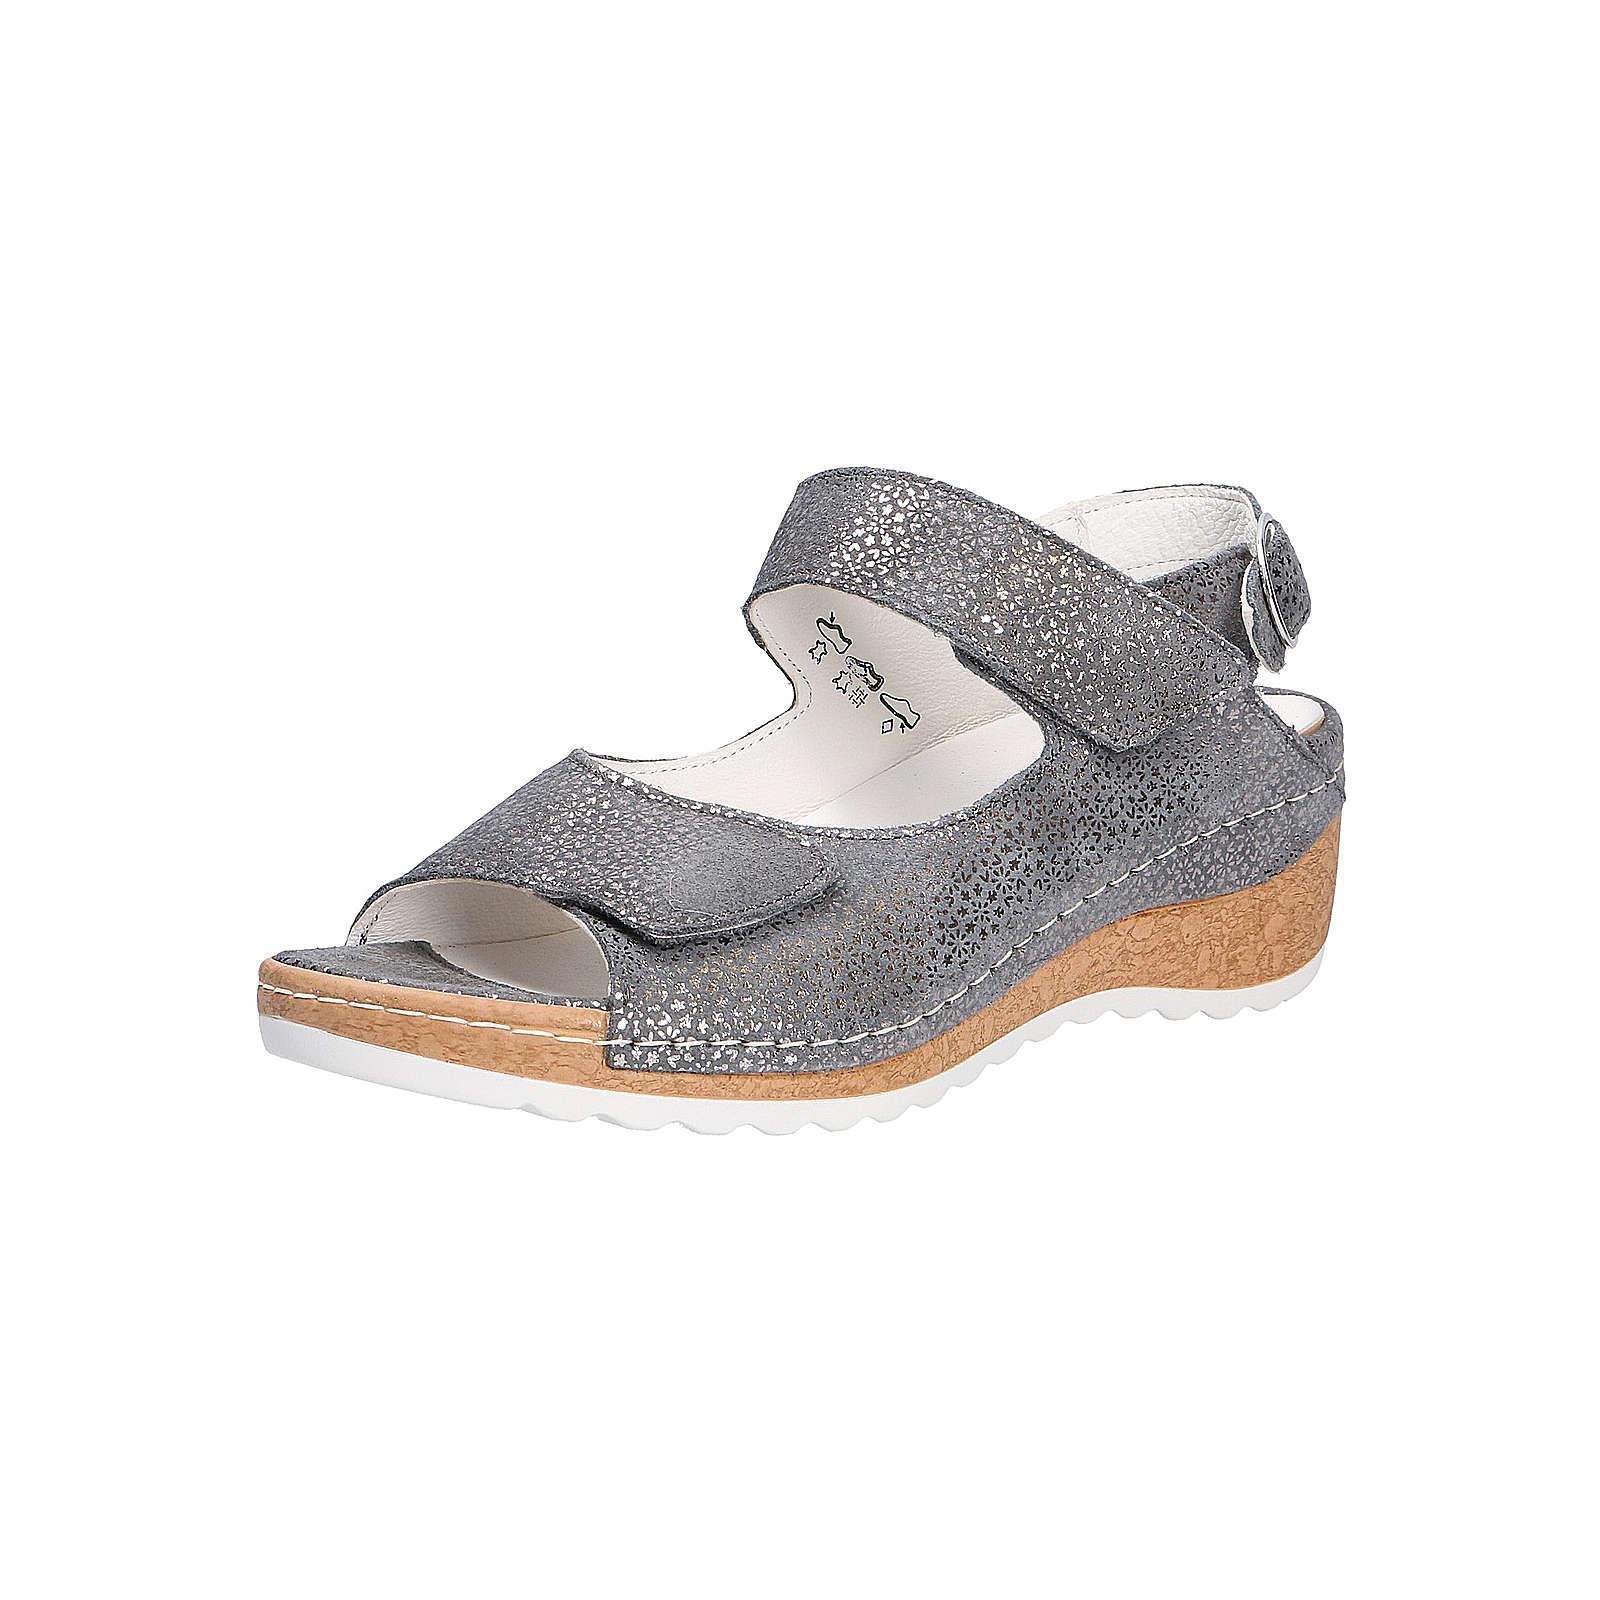 WALDLÄUFER HANILA Komfort-Sandalen grau Damen Gr. 36